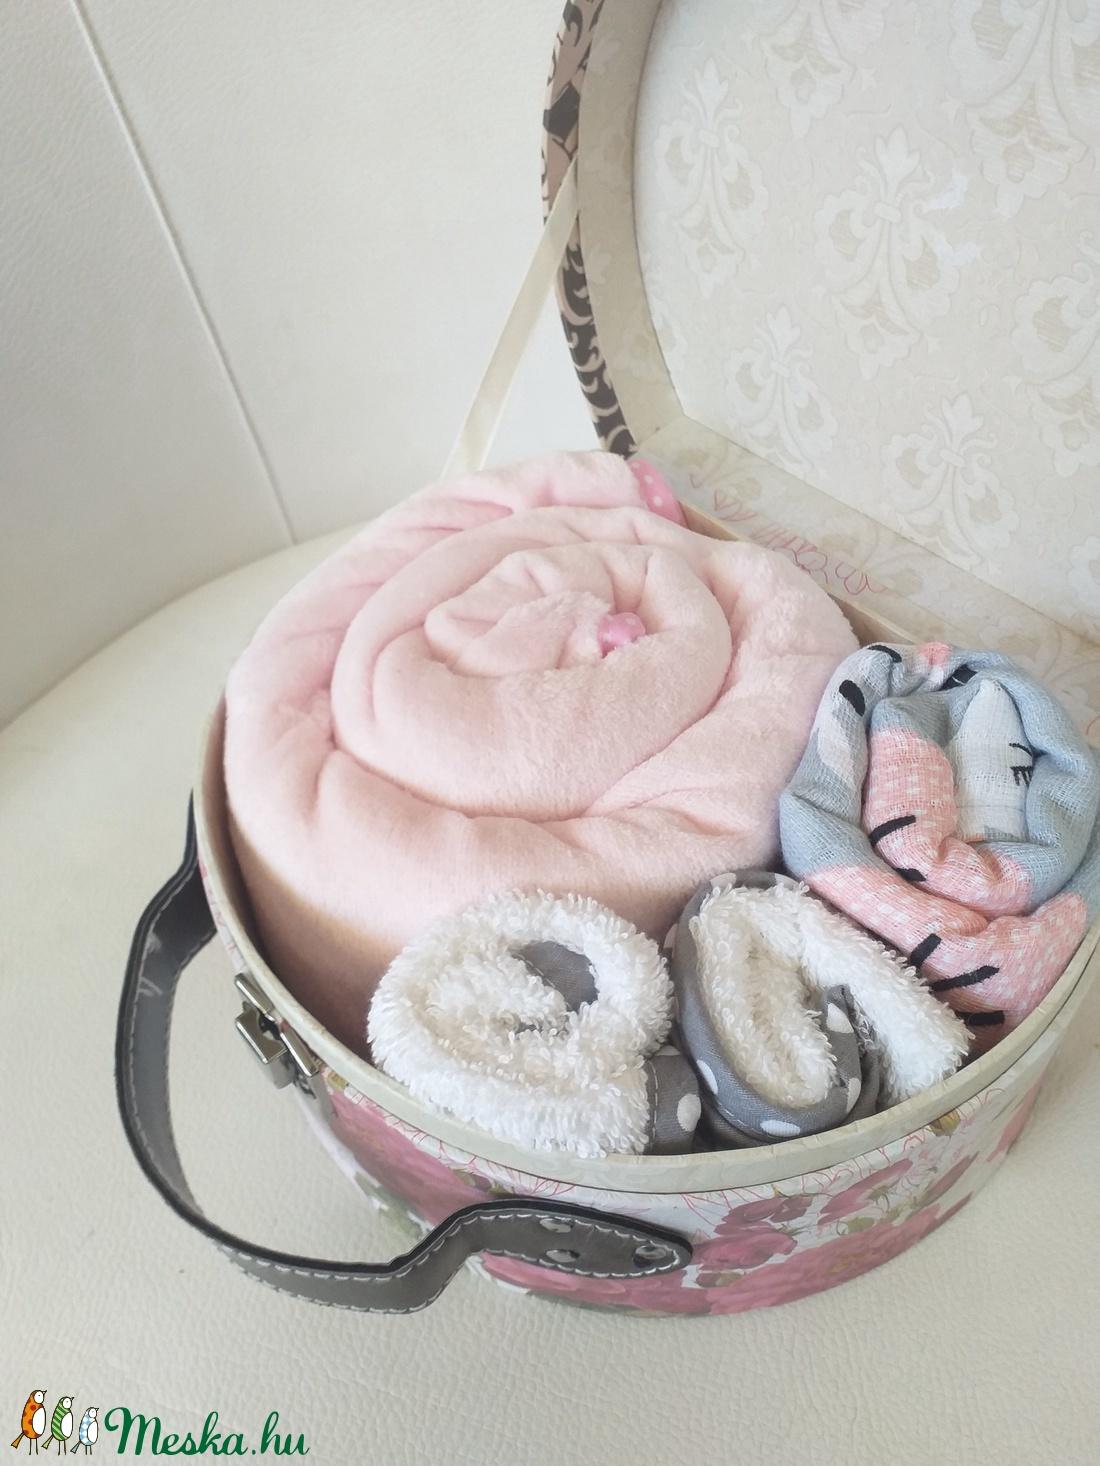 Babatextil rózsa MINI box bőröndben - Pillangó - játék & gyerek - babalátogató ajándékcsomag - Meska.hu